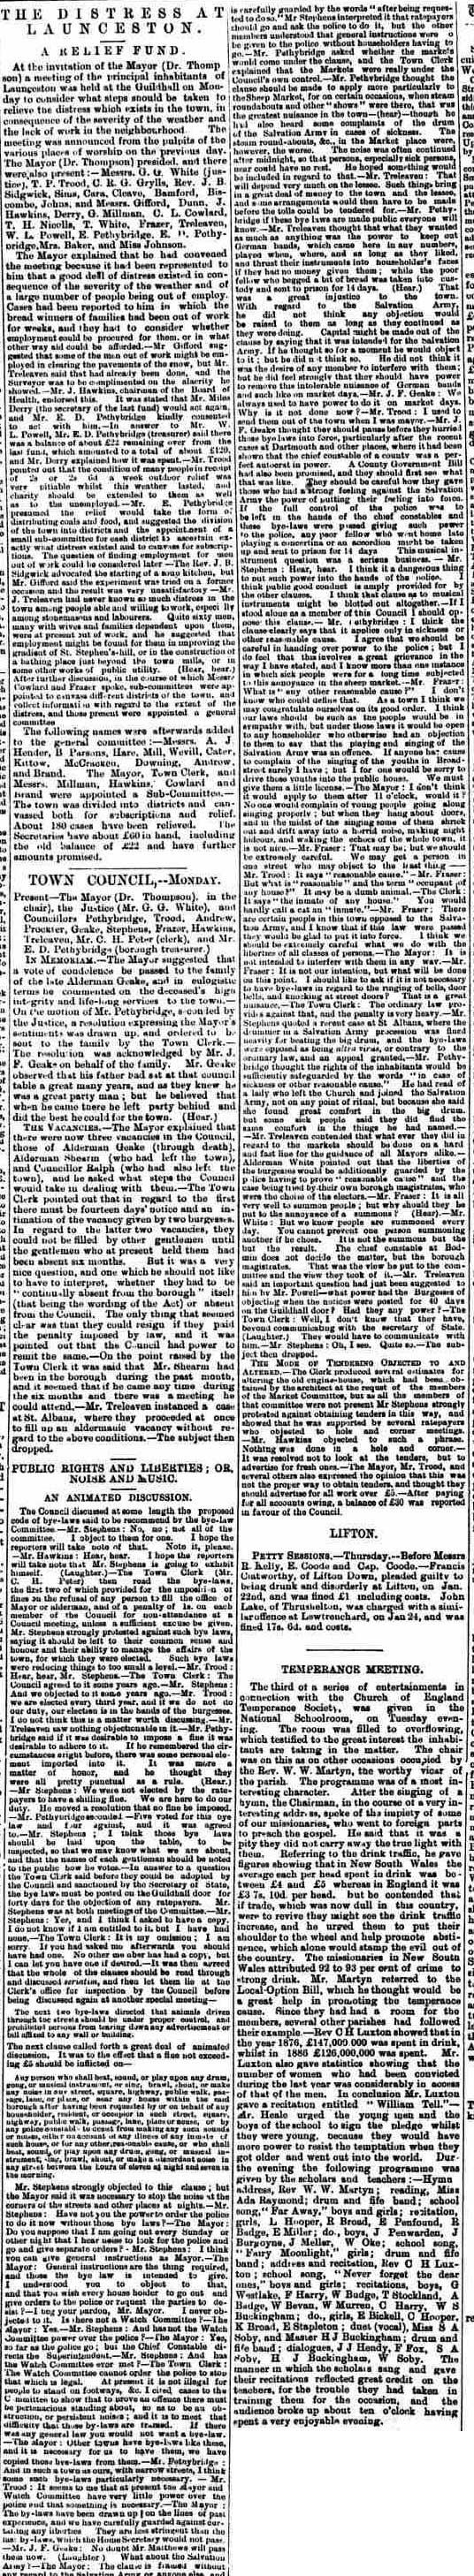 25 February 1888